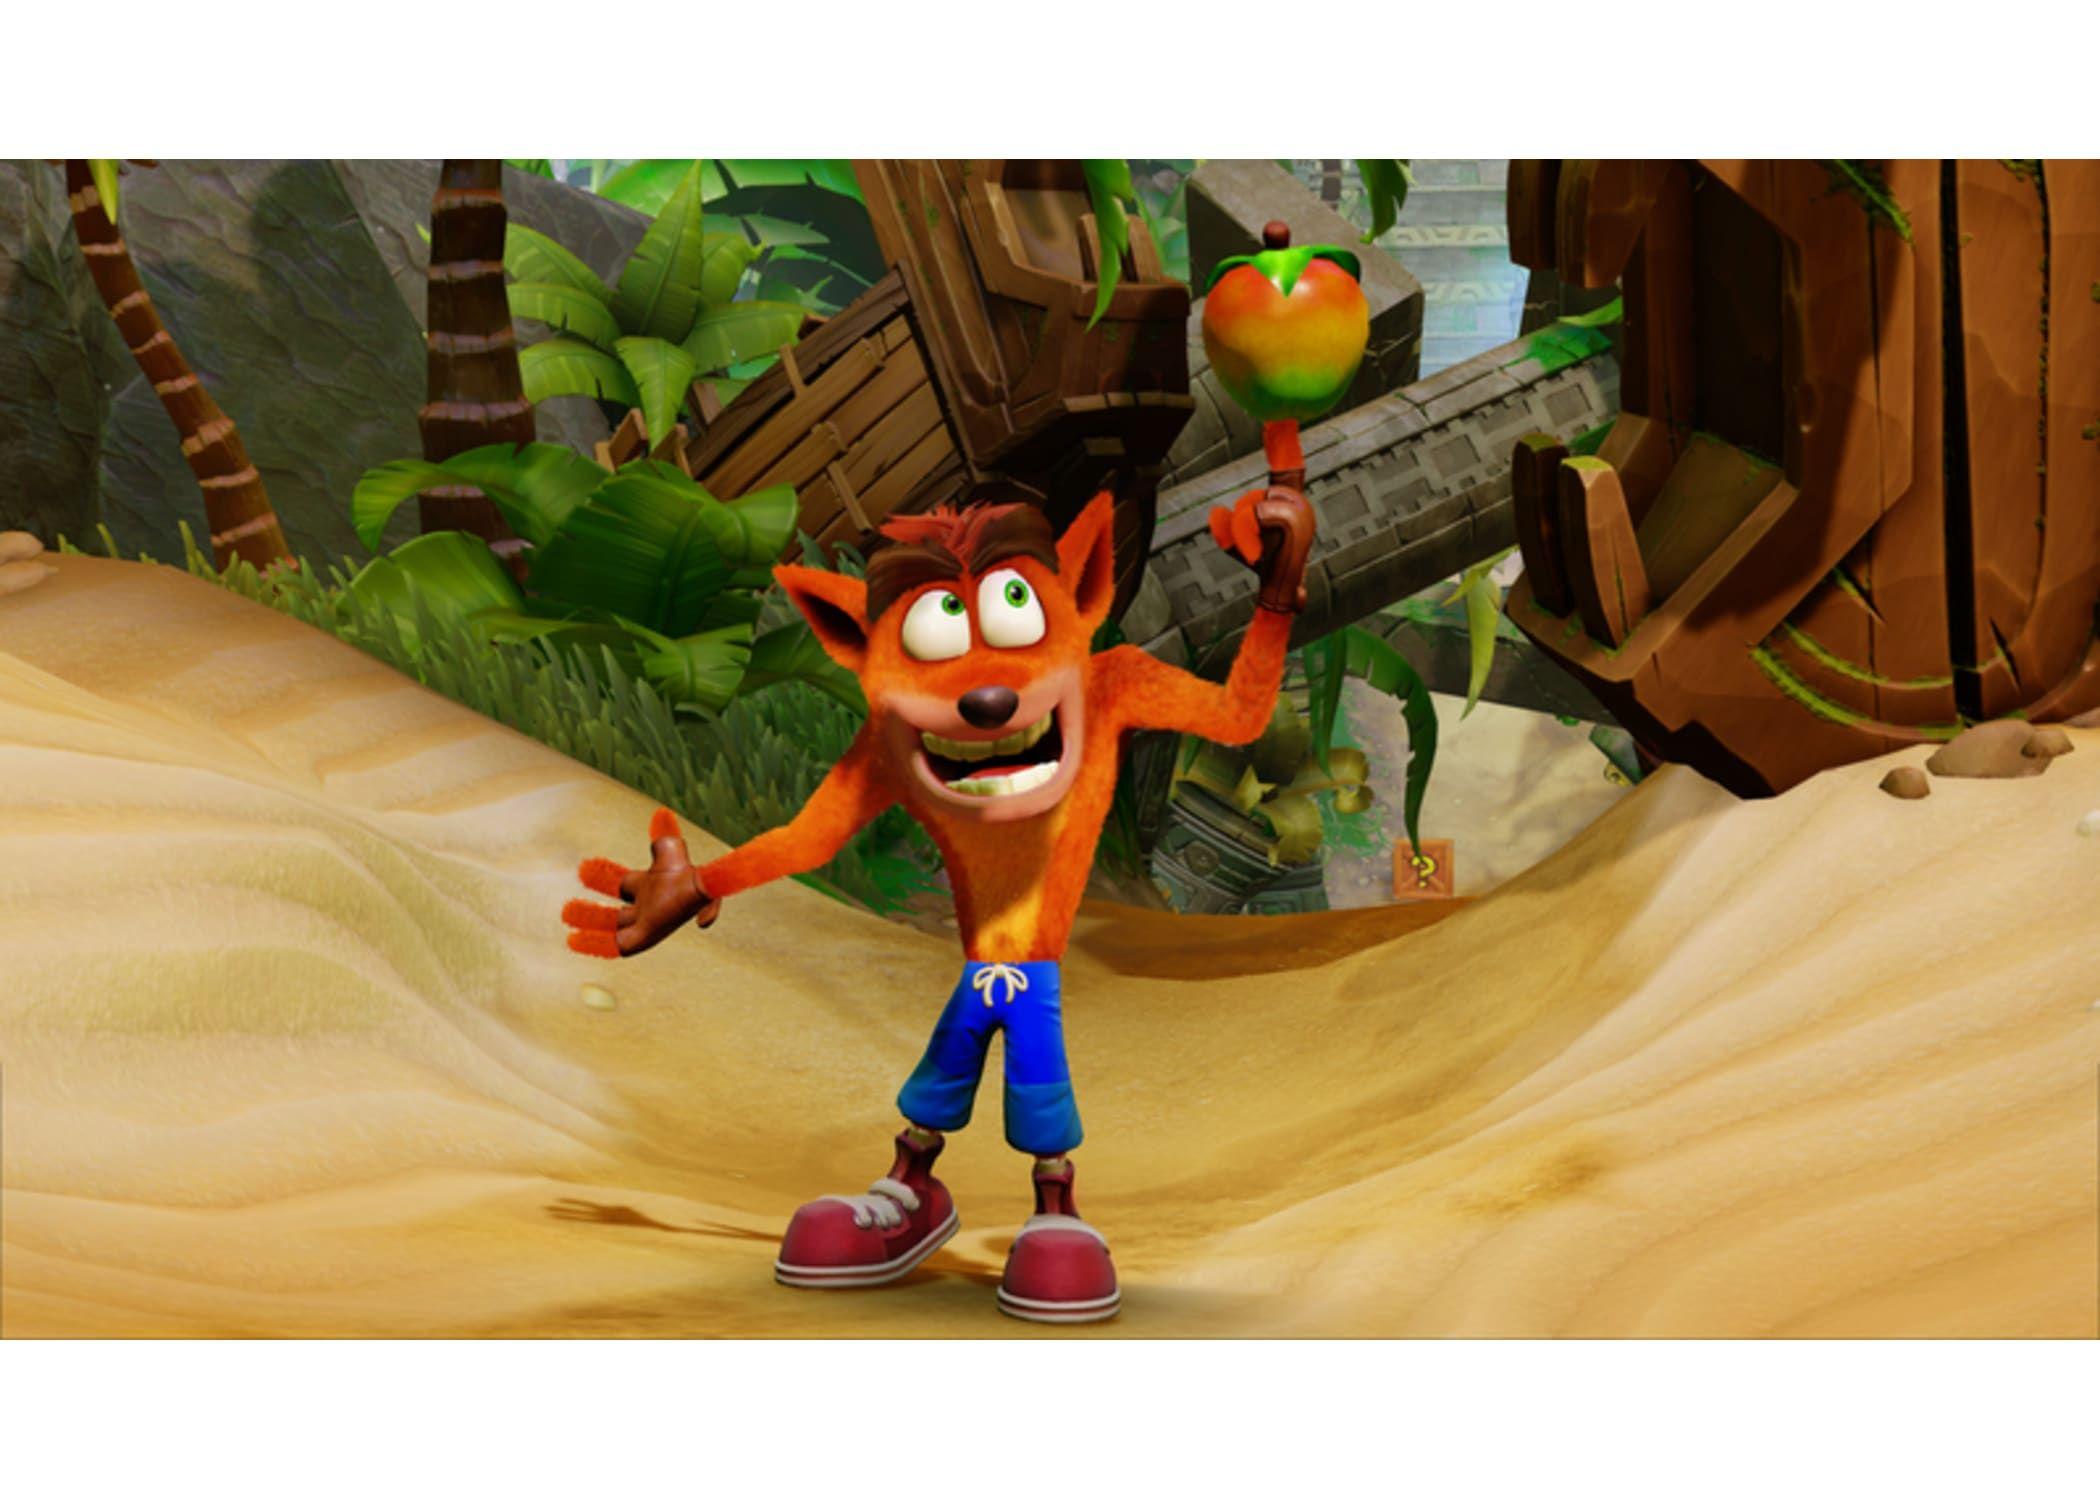 Crash Bandicoot N Sane Trilogy On Pc Game Affiliate Affiliate Sane Bandicoot Crash Game Pc Crash Bandicoot Bandicoot Crash Team Racing